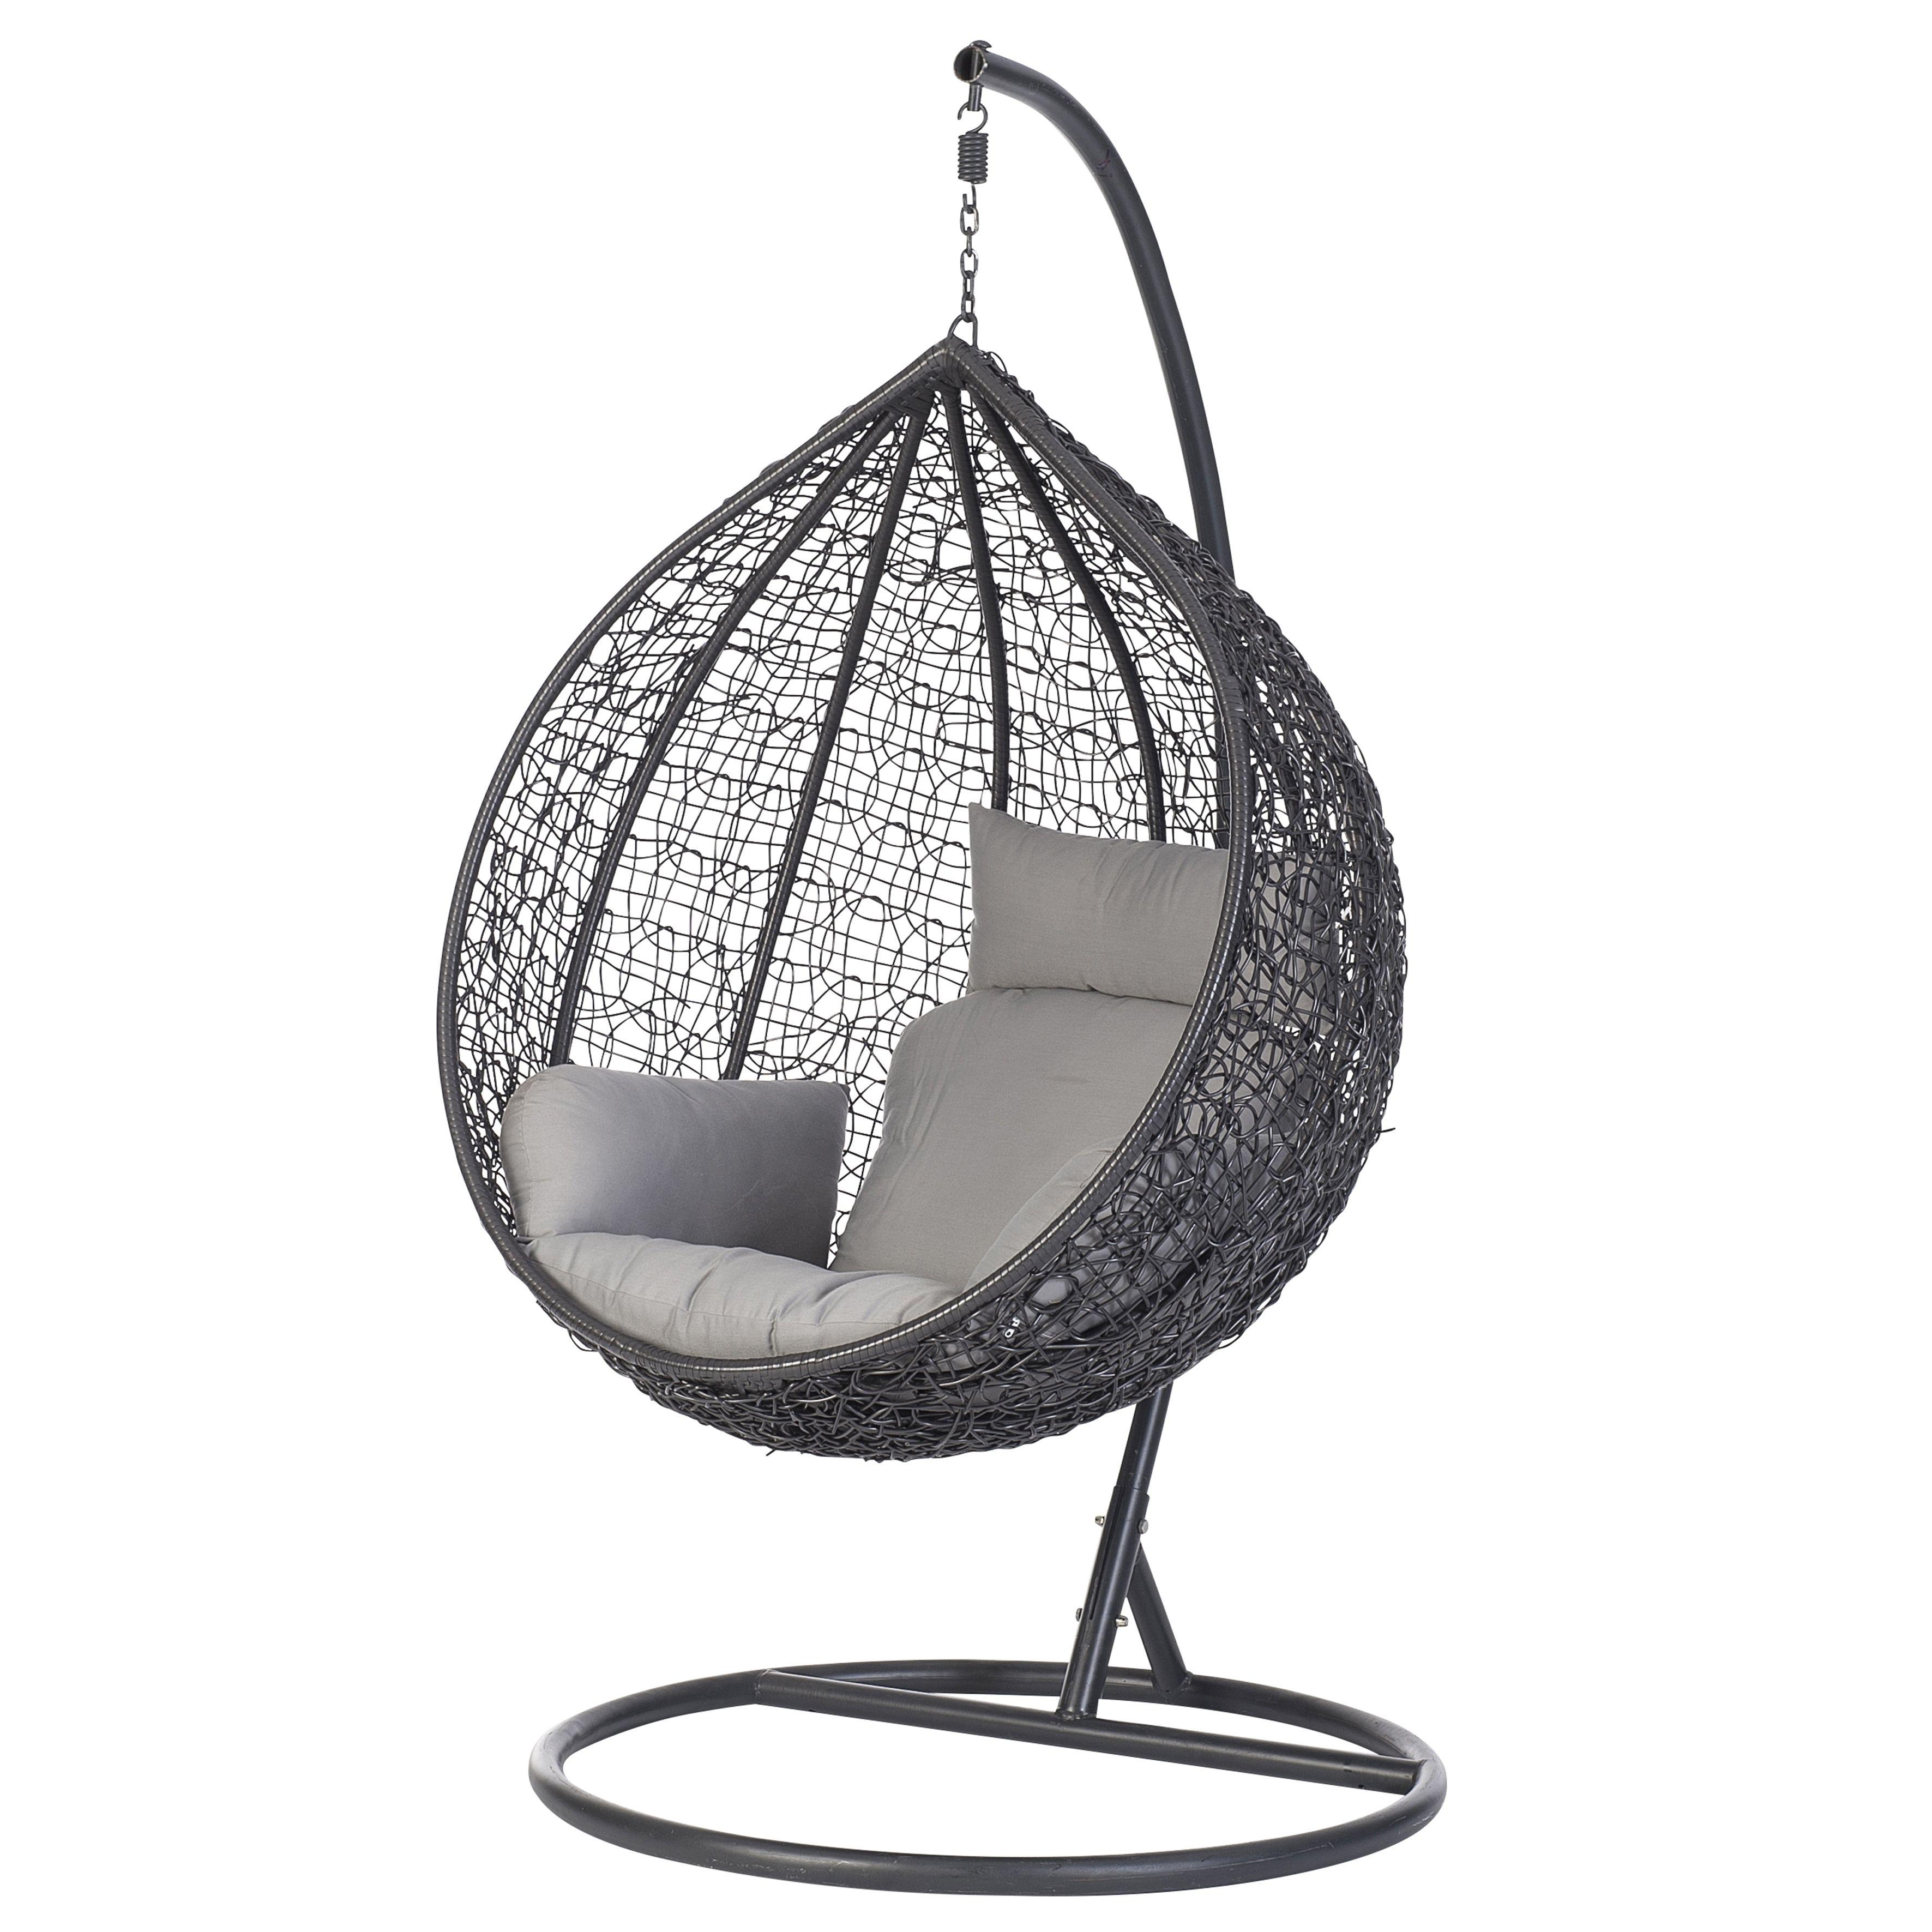 Standaard Egg Chair.Op Zoek Naar Intratuin Hangei In Standaard Donkergrijs